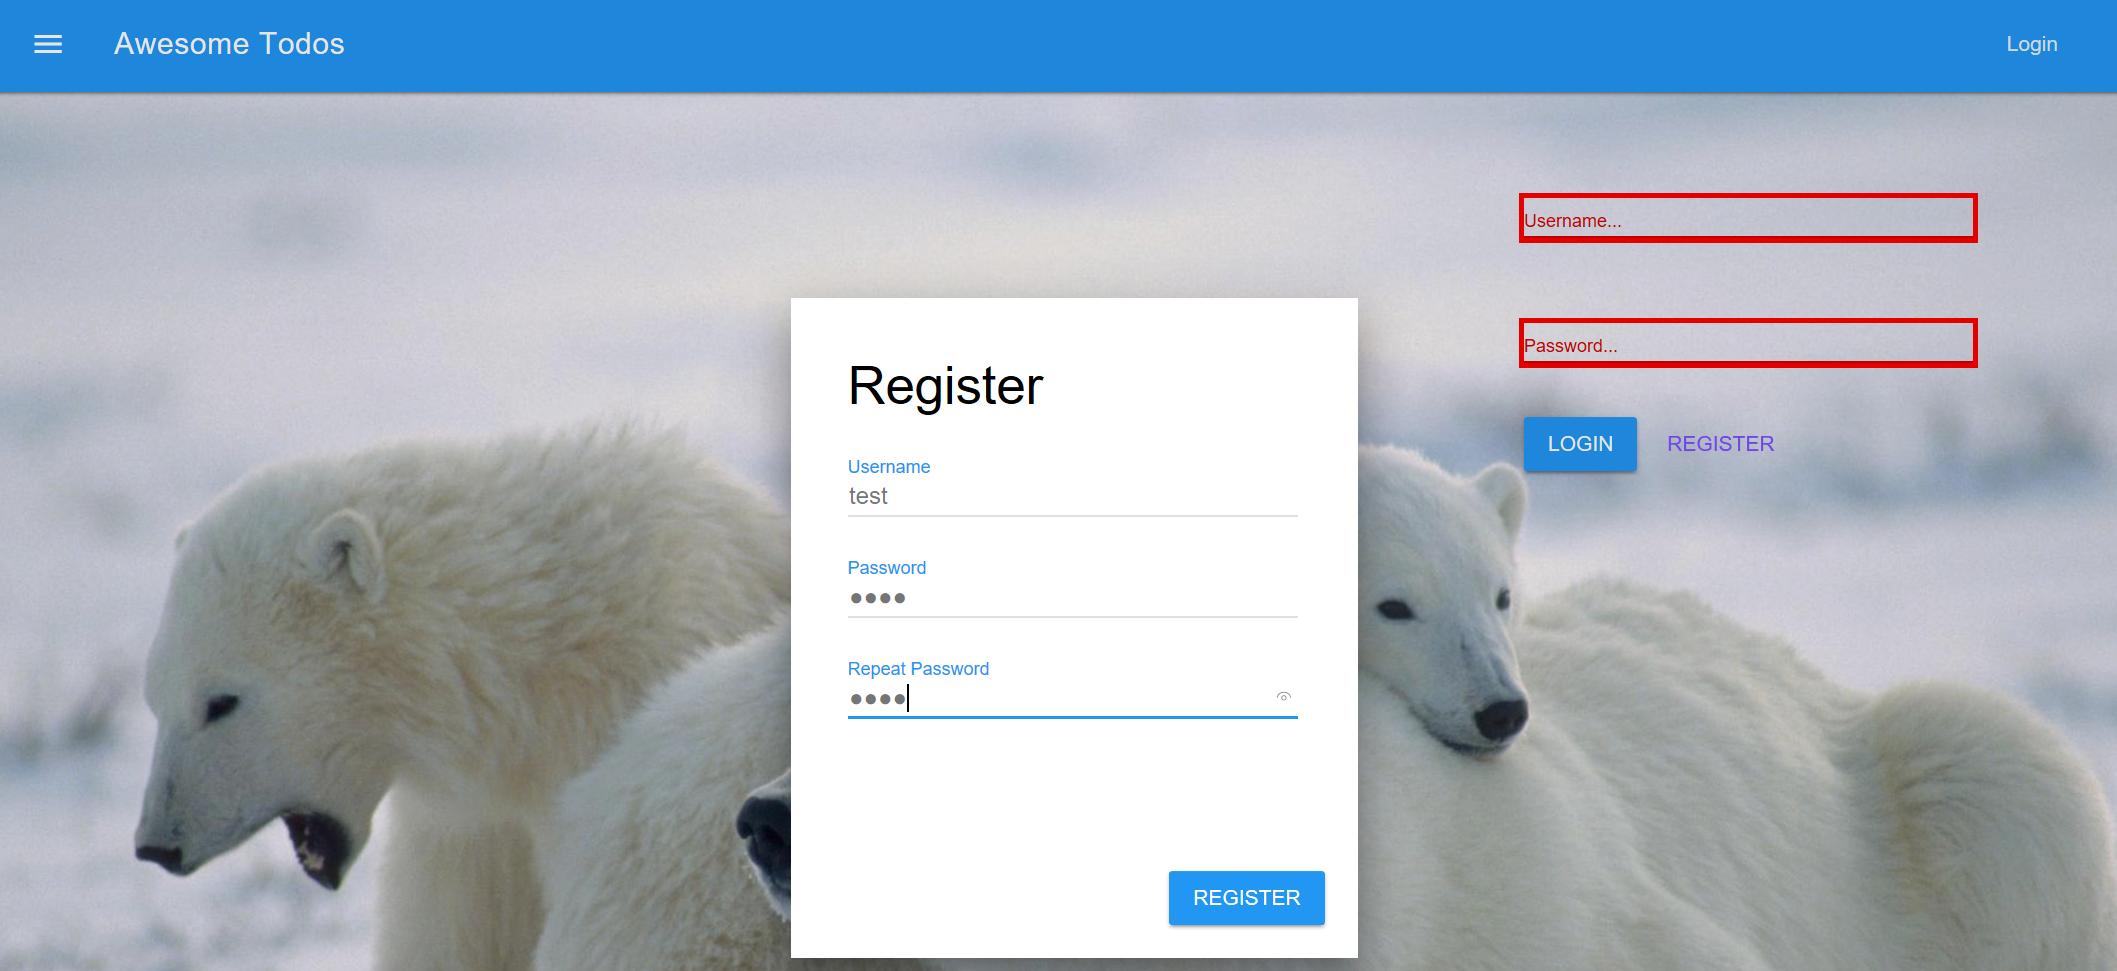 完成注册功能的页面